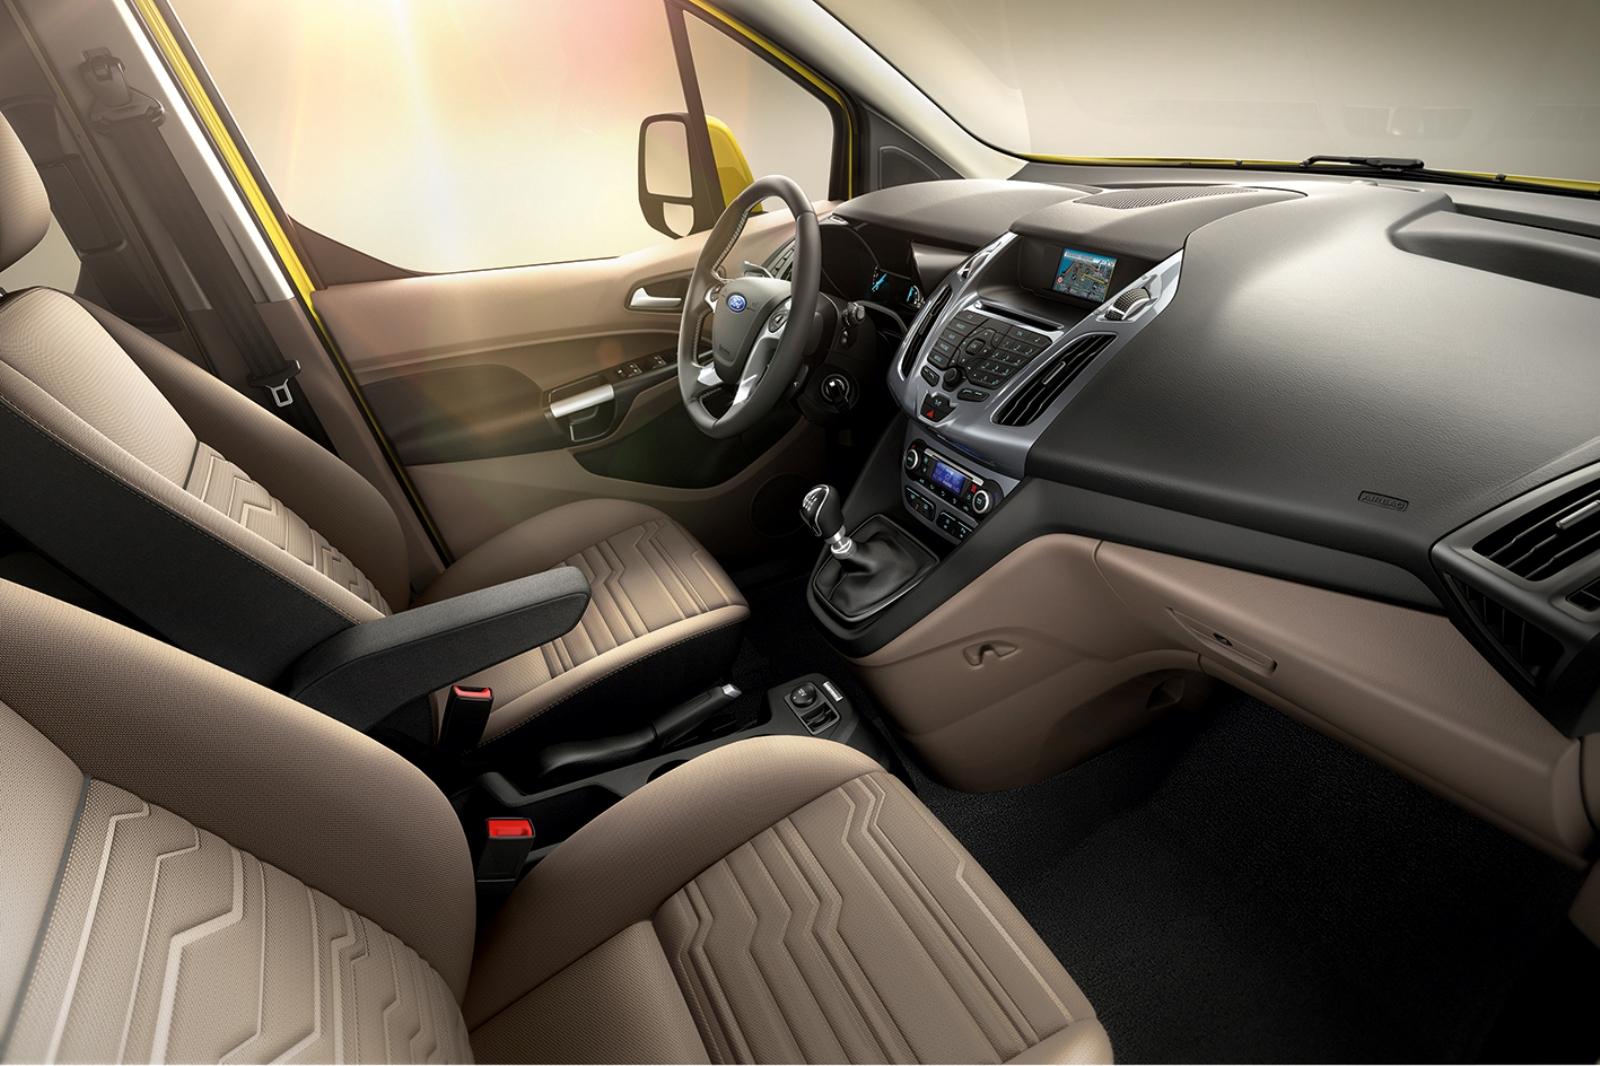 Yeni Ford Tourneo Connect İç Tasarım - YeniModelArabalar.com